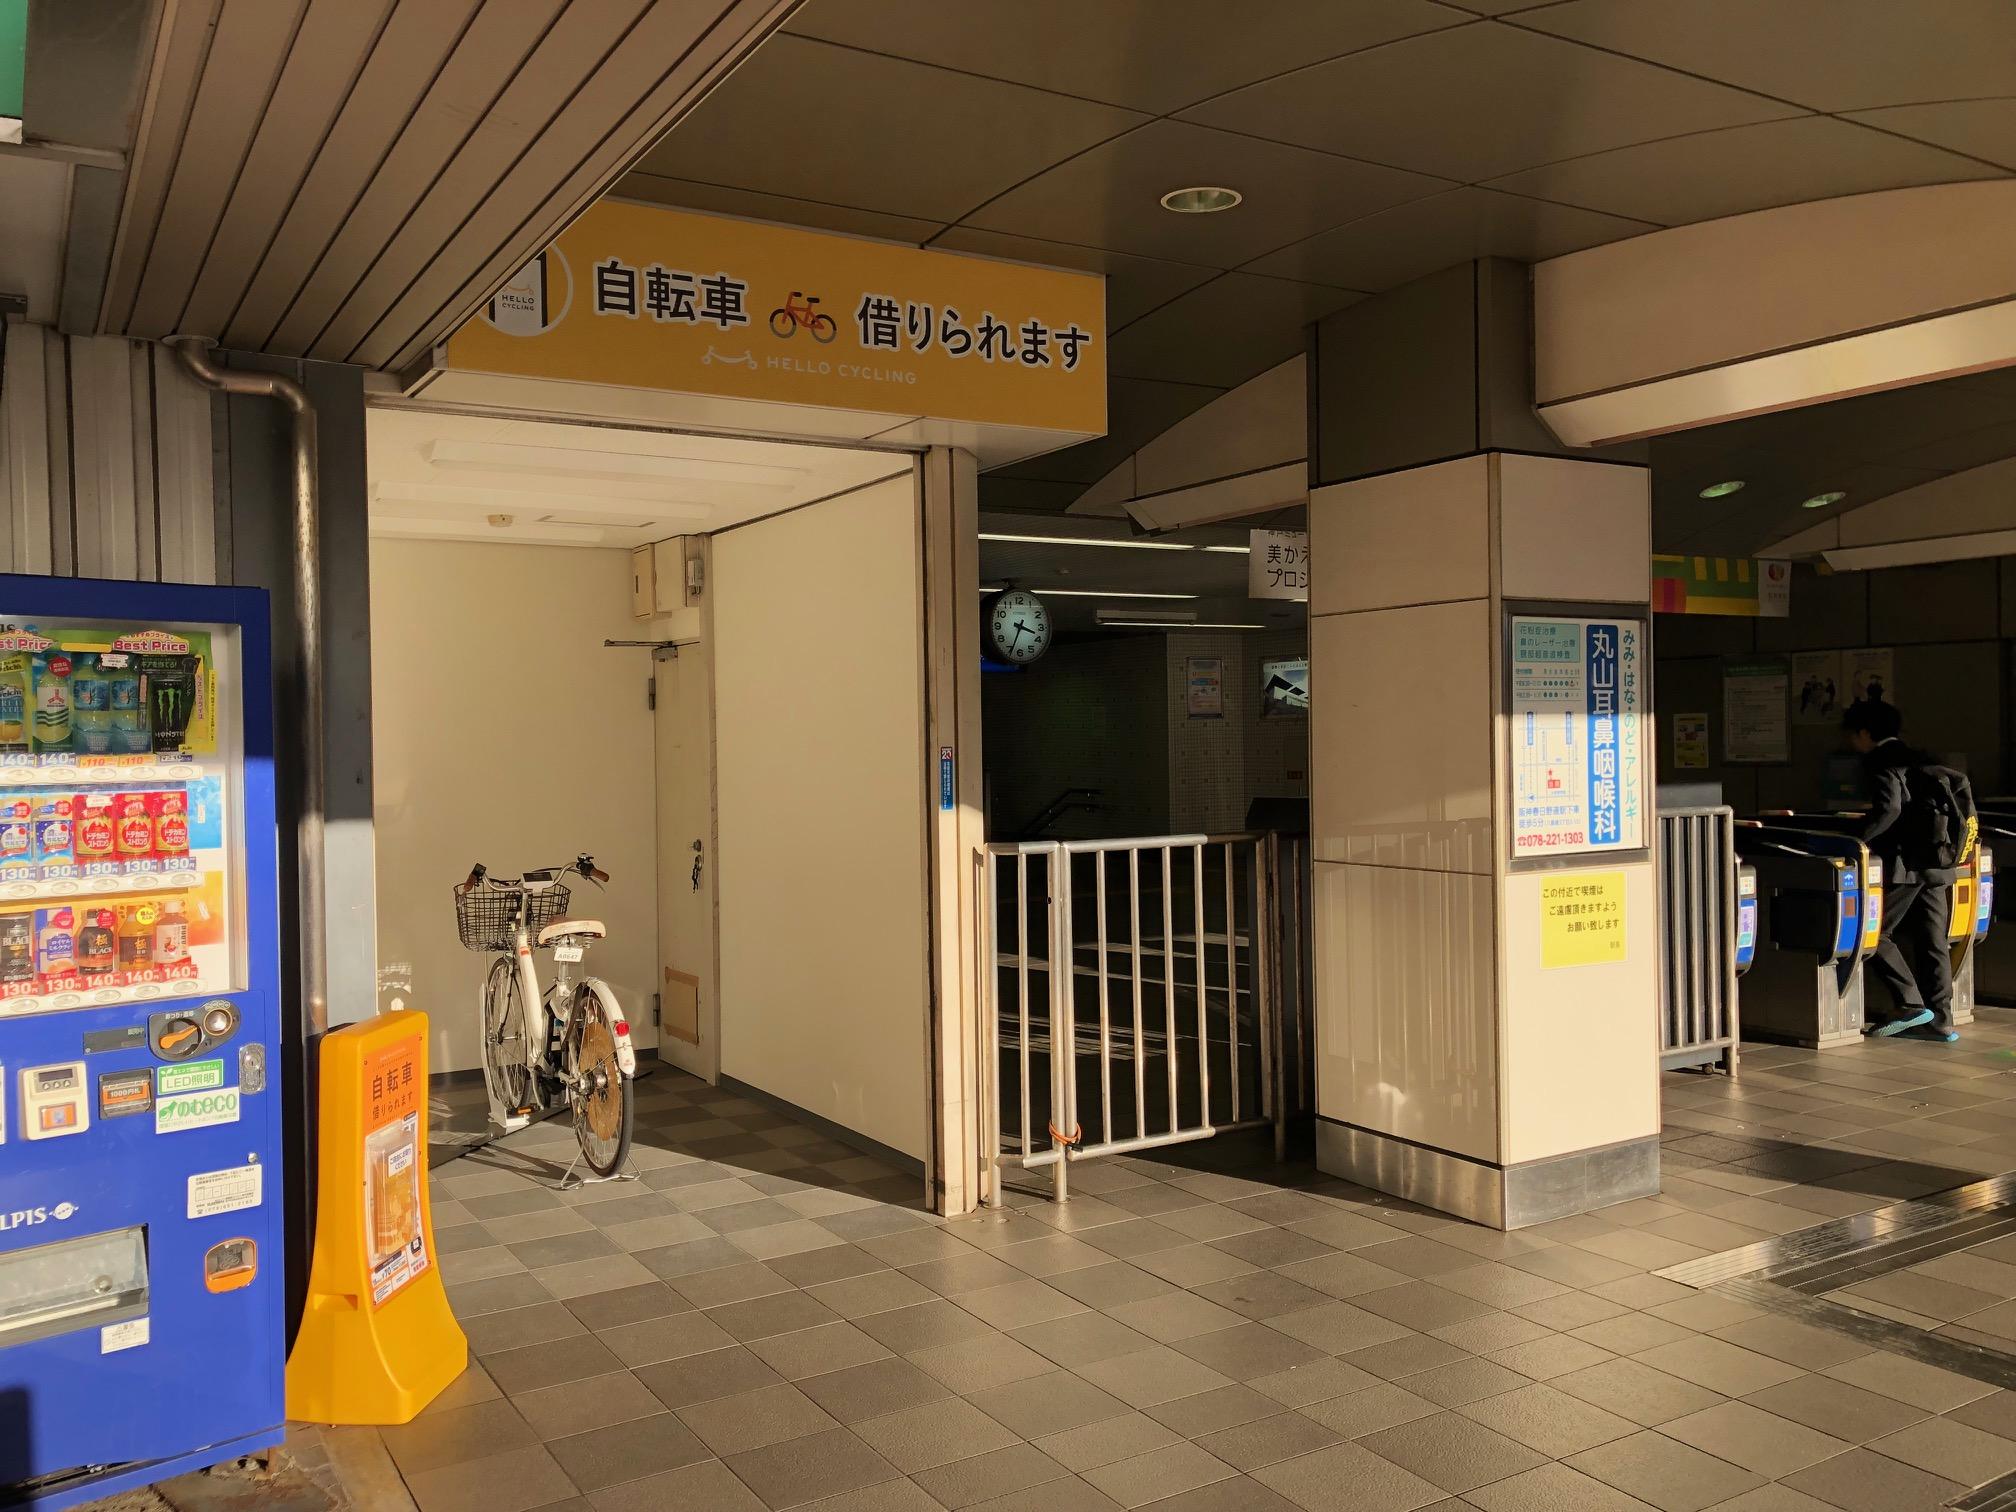 阪神岩屋駅改札横 (HELLO CYCLING ポート) image